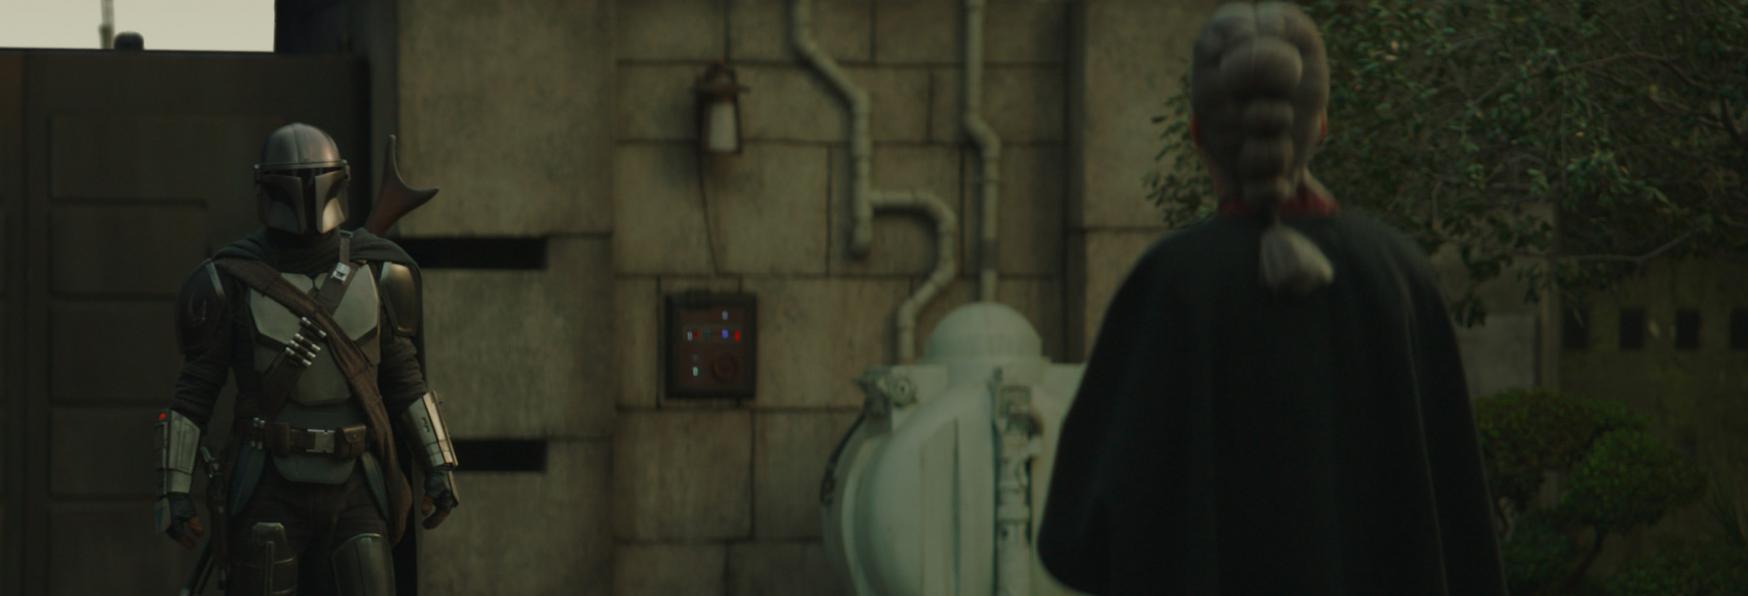 The Mandalorian 3: il Personaggio di Pedro Pascal farà parte della nuova Stagione